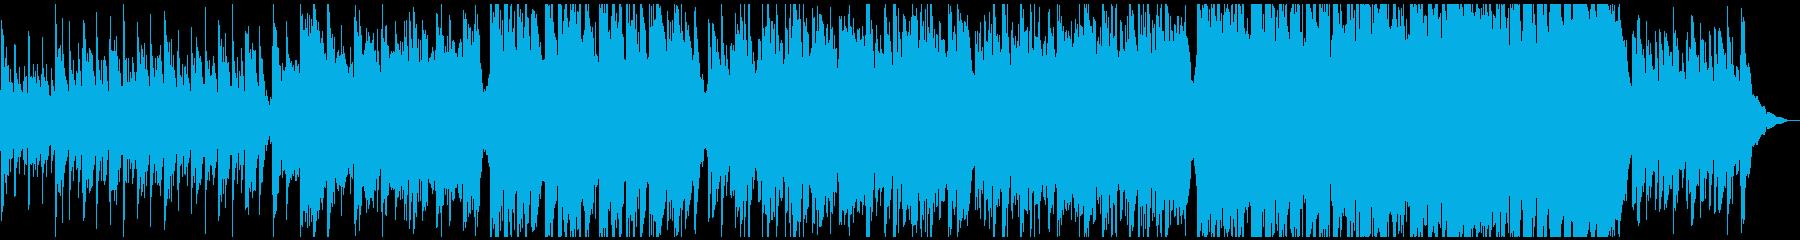 軽快で感動的な、ピアノと弦合奏のバラードの再生済みの波形